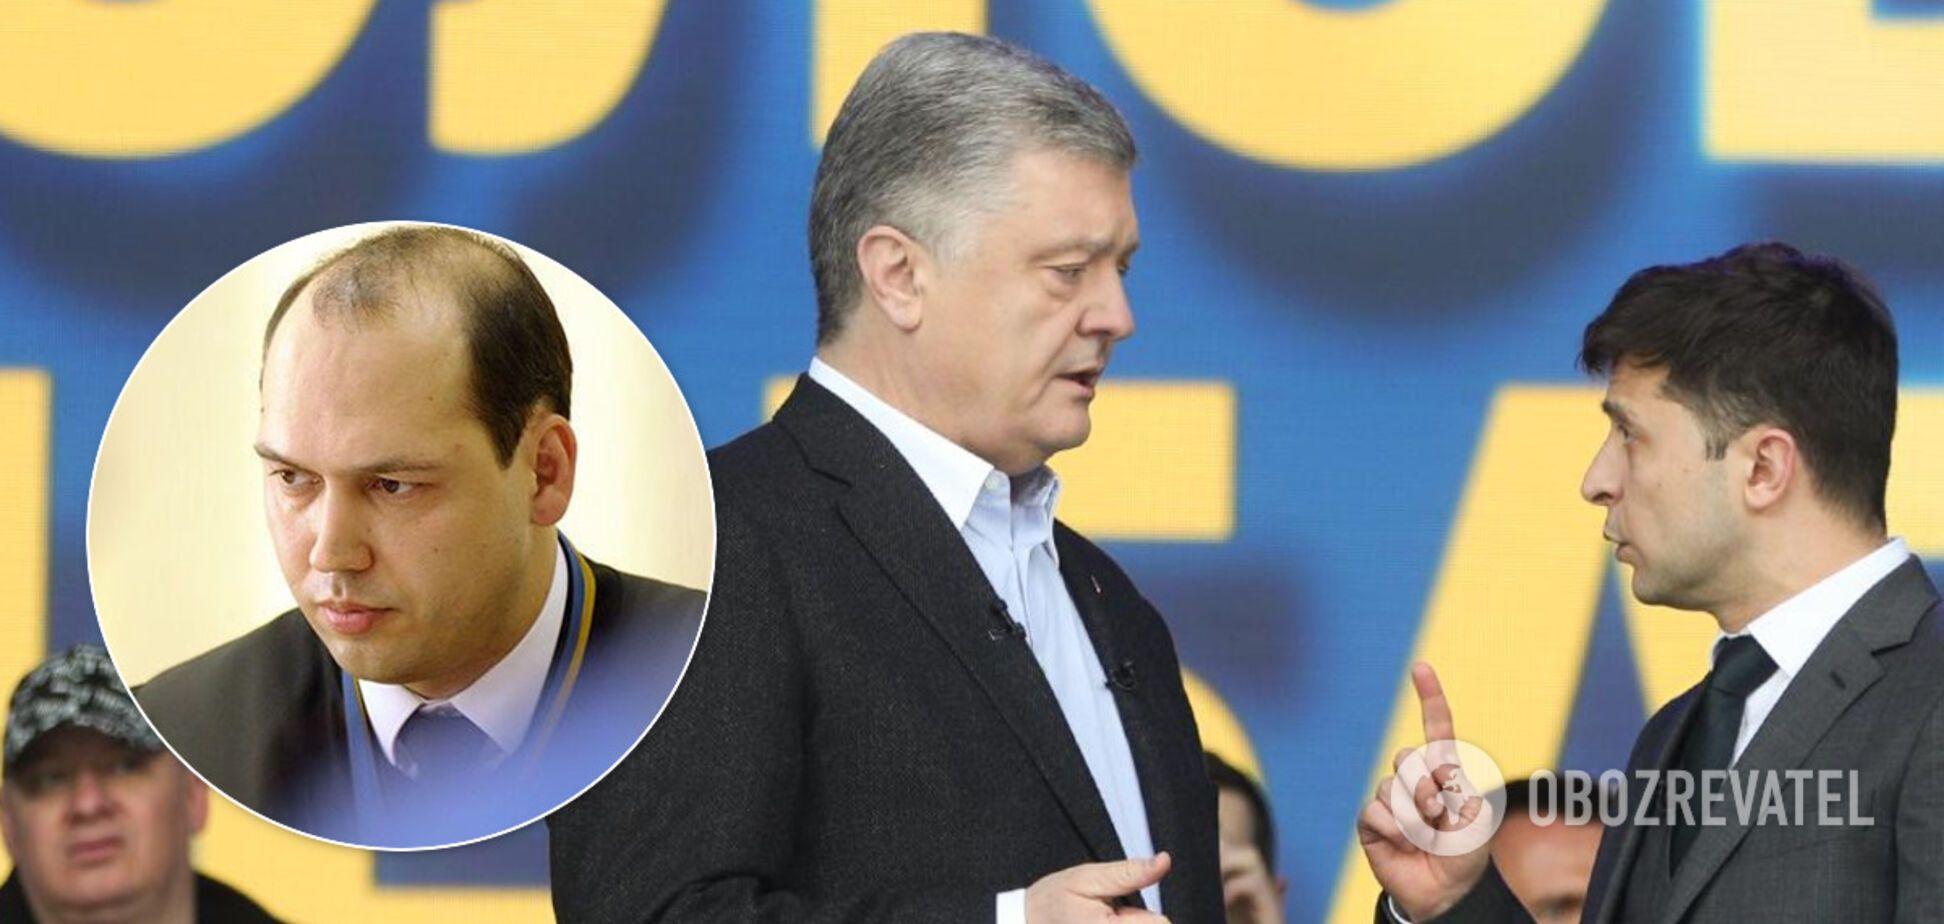 Судья по делу Порошенко ранее вступился за Зеленского из-за прослушивания активистов